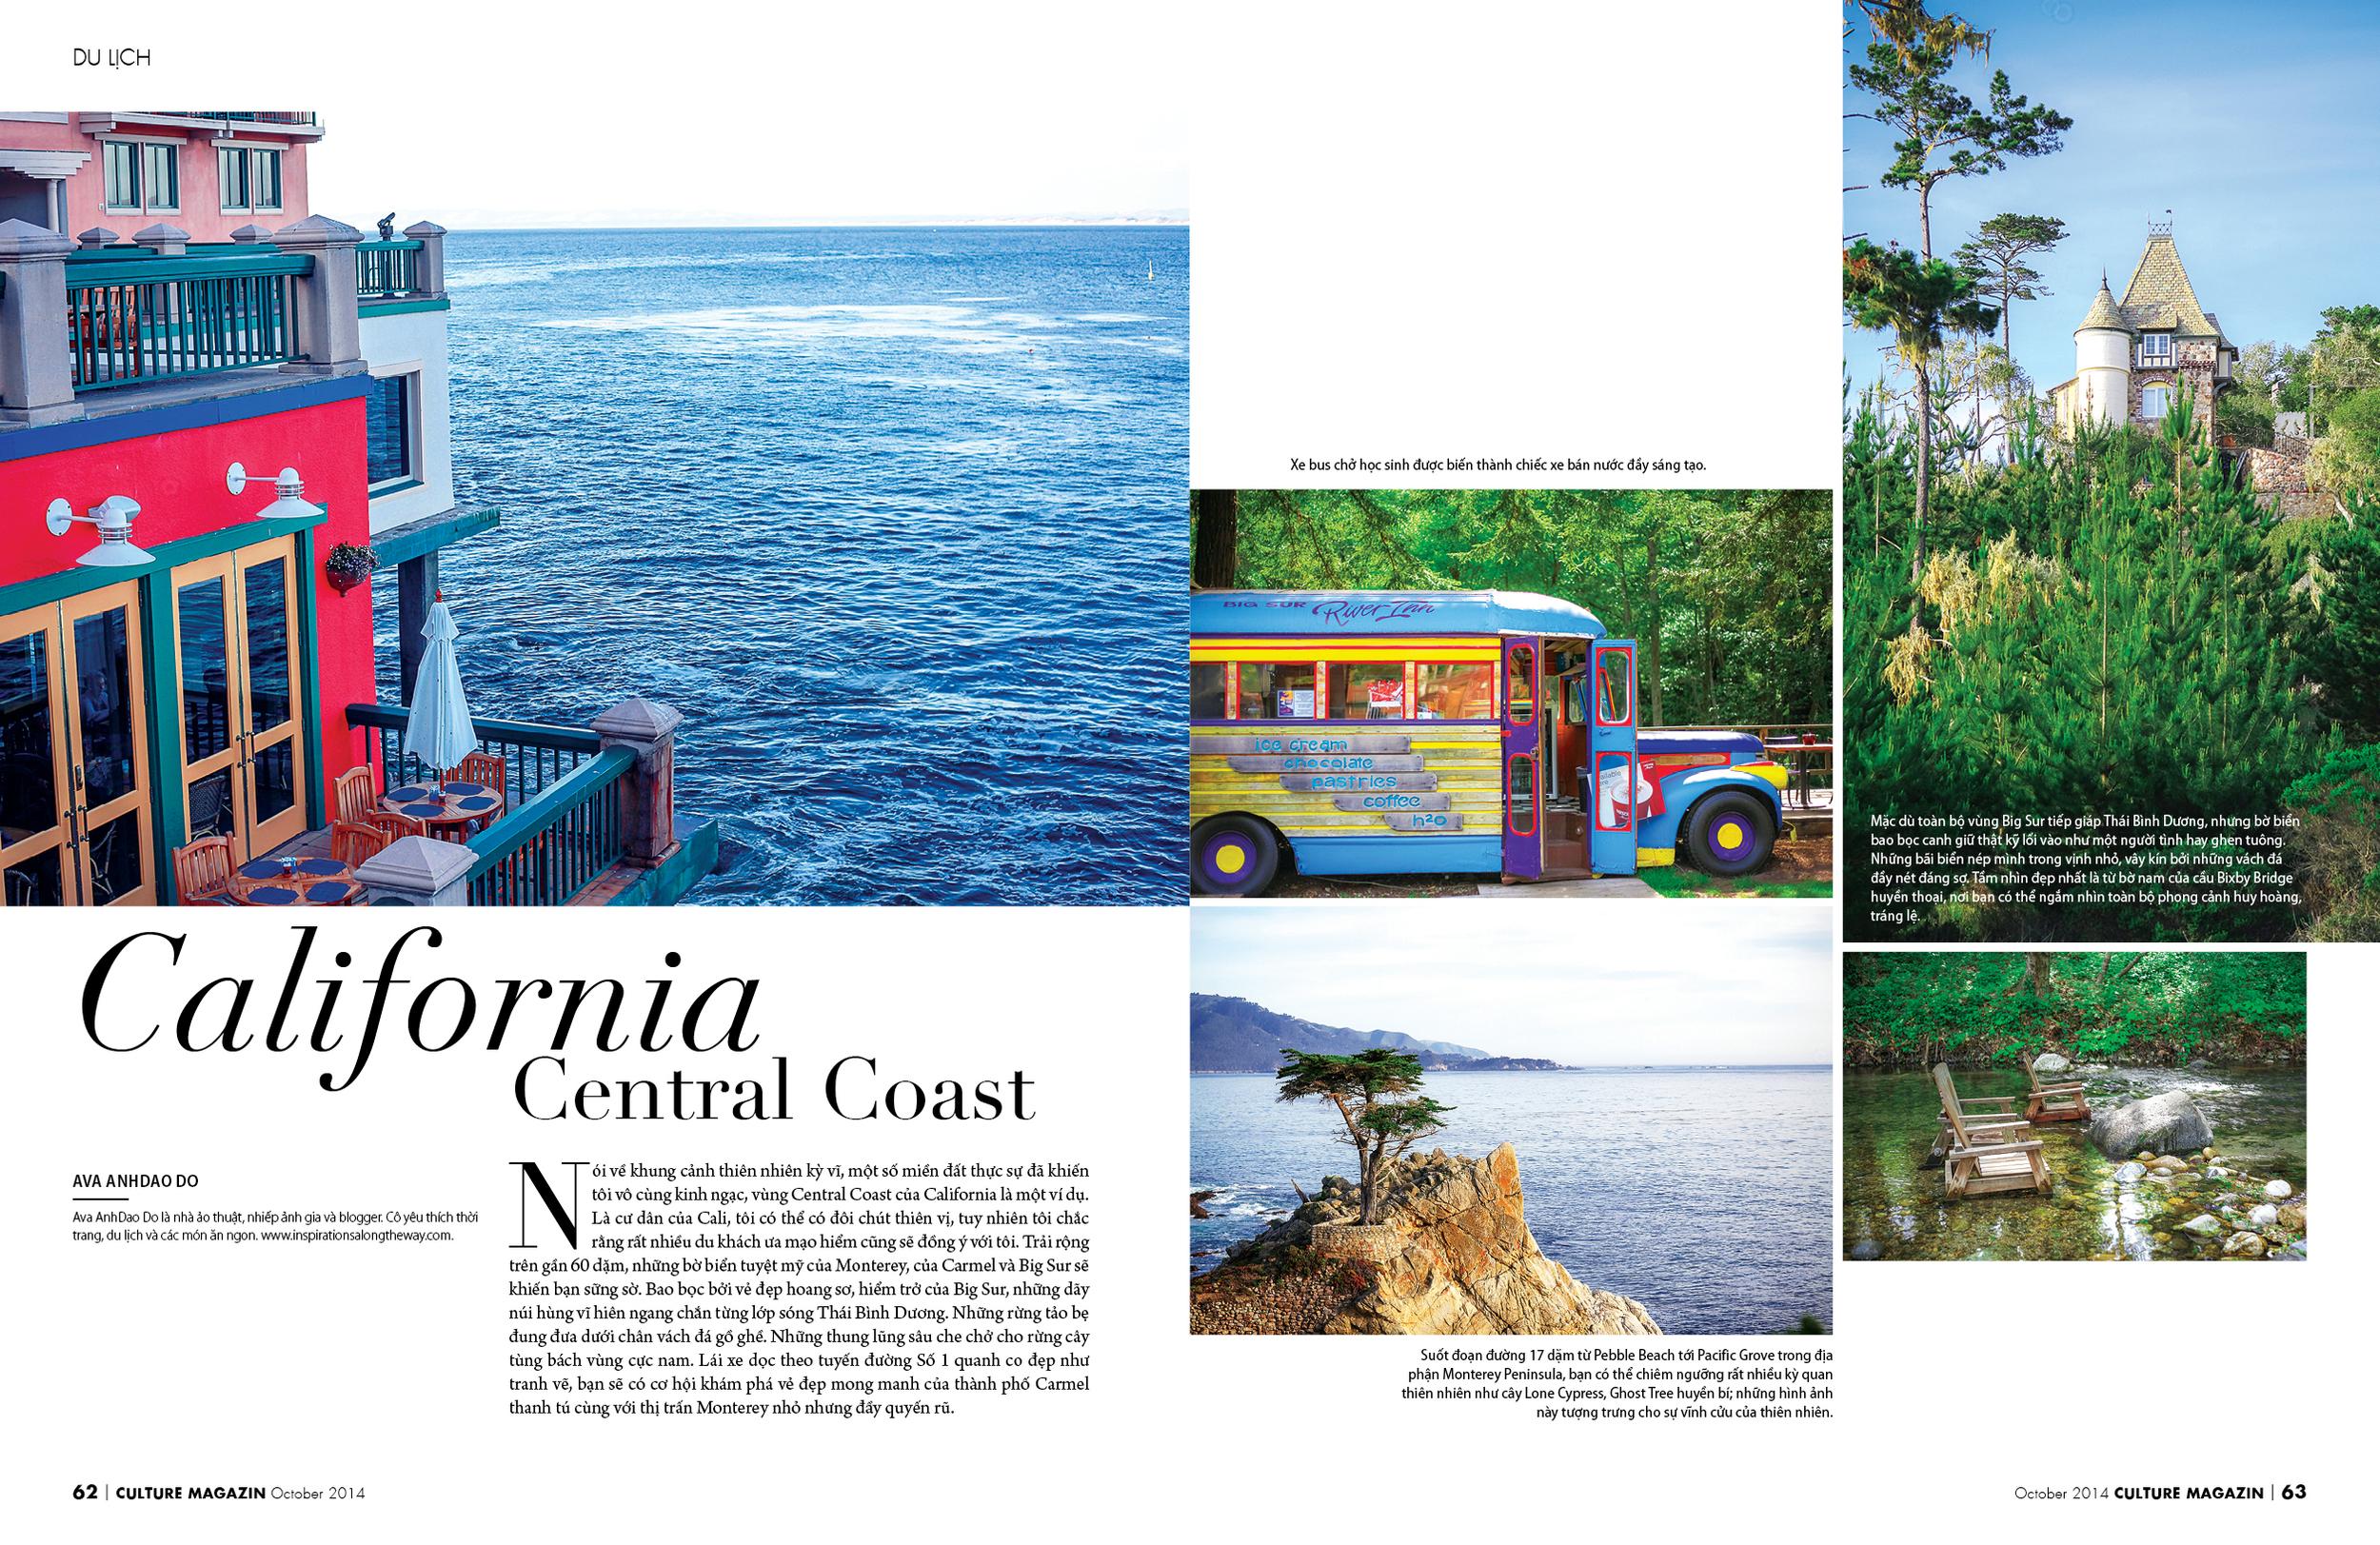 VS Oct2014 view Travel Cali Vie.jpg